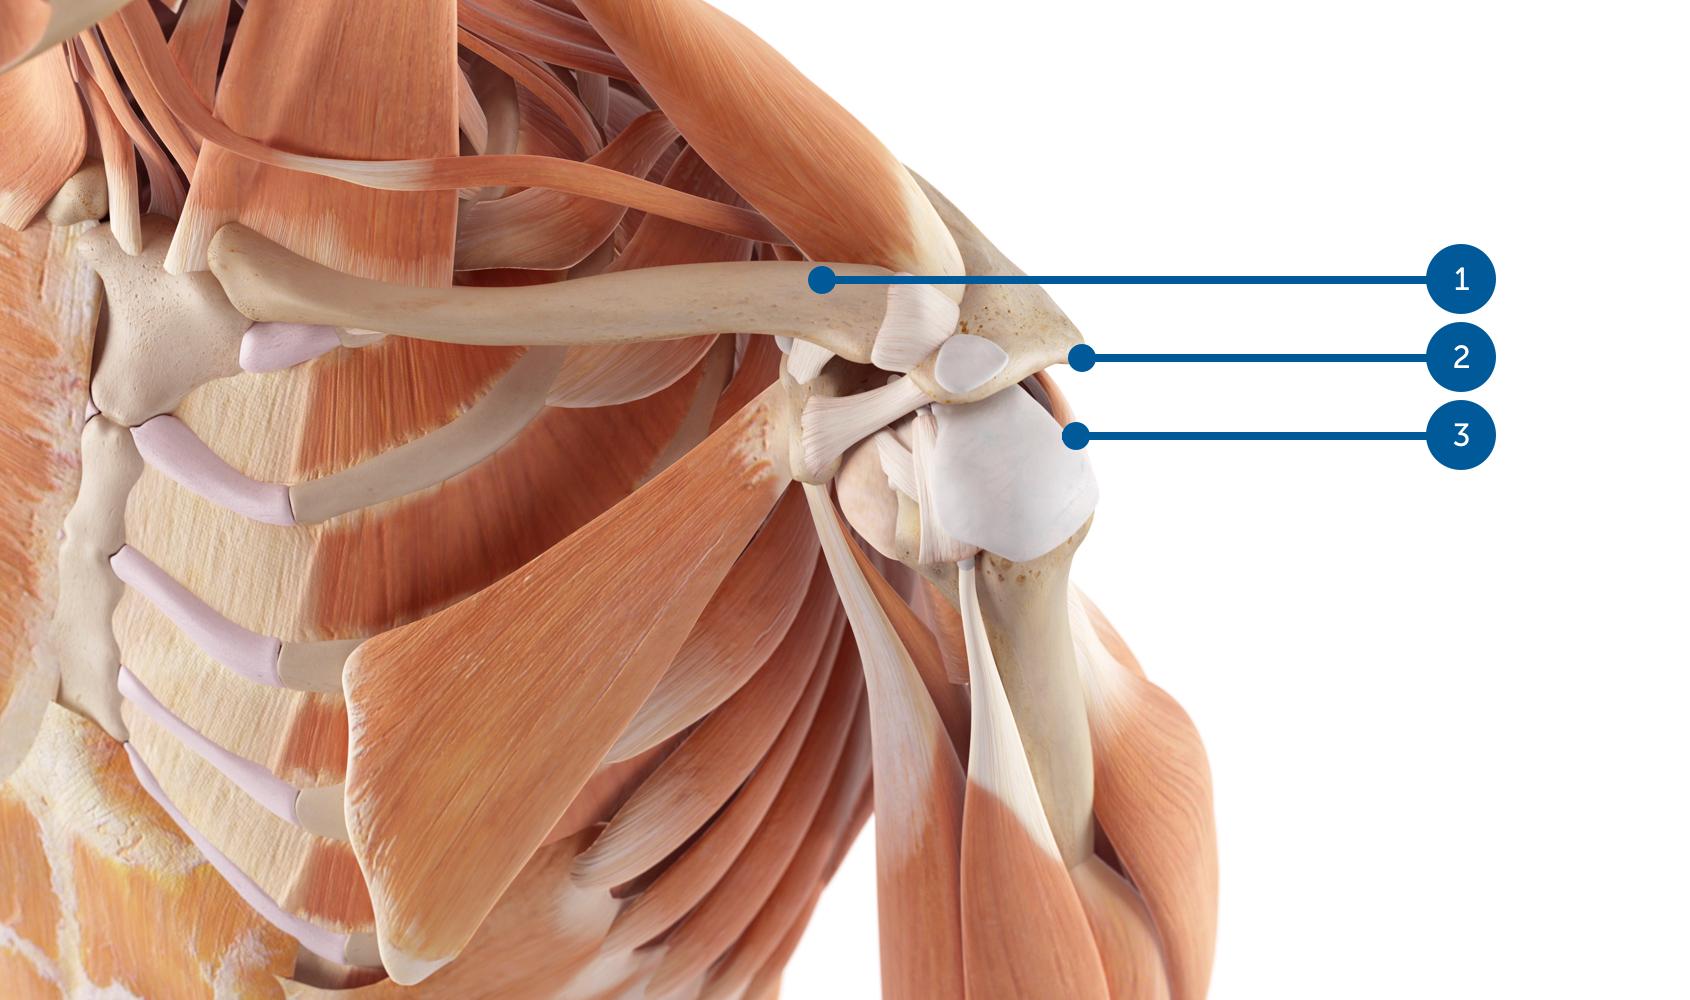 metode de tratament chirurgical al artrozei unguentul articulației piciorului doare